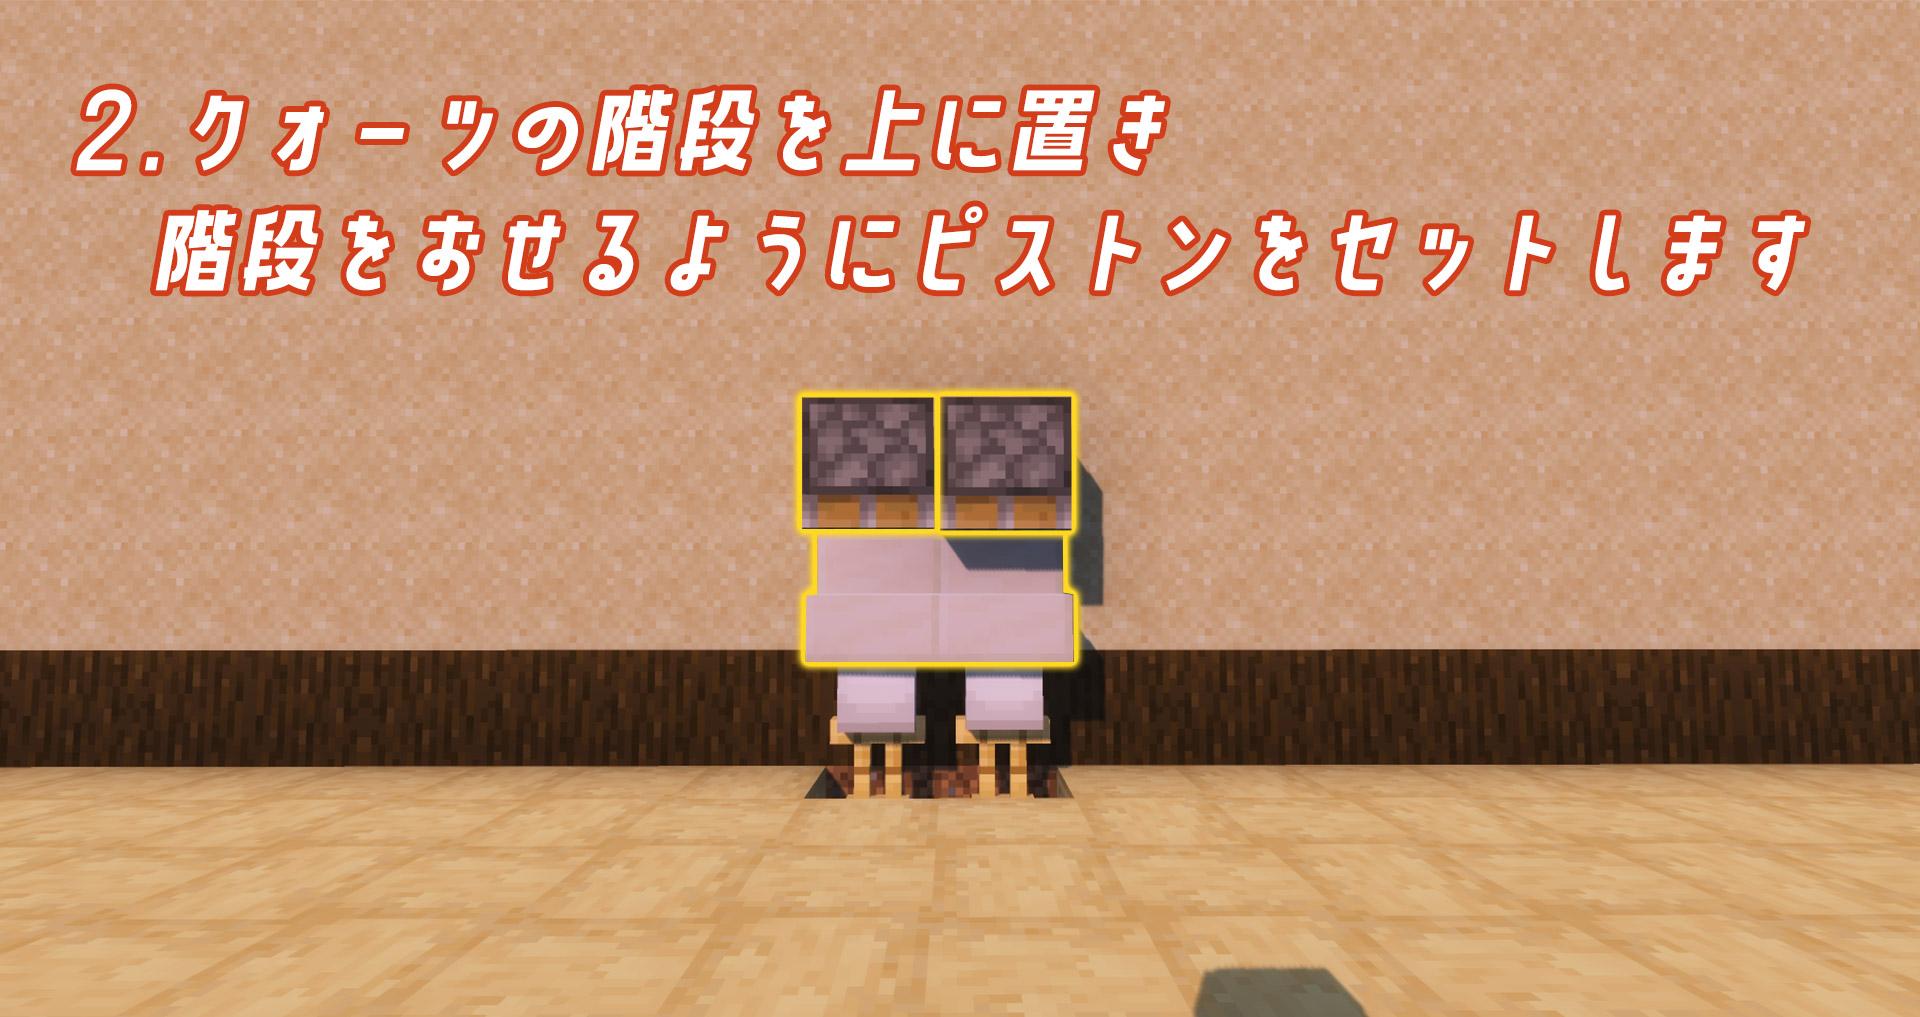 マイクラ 3 3 ピストン ドア